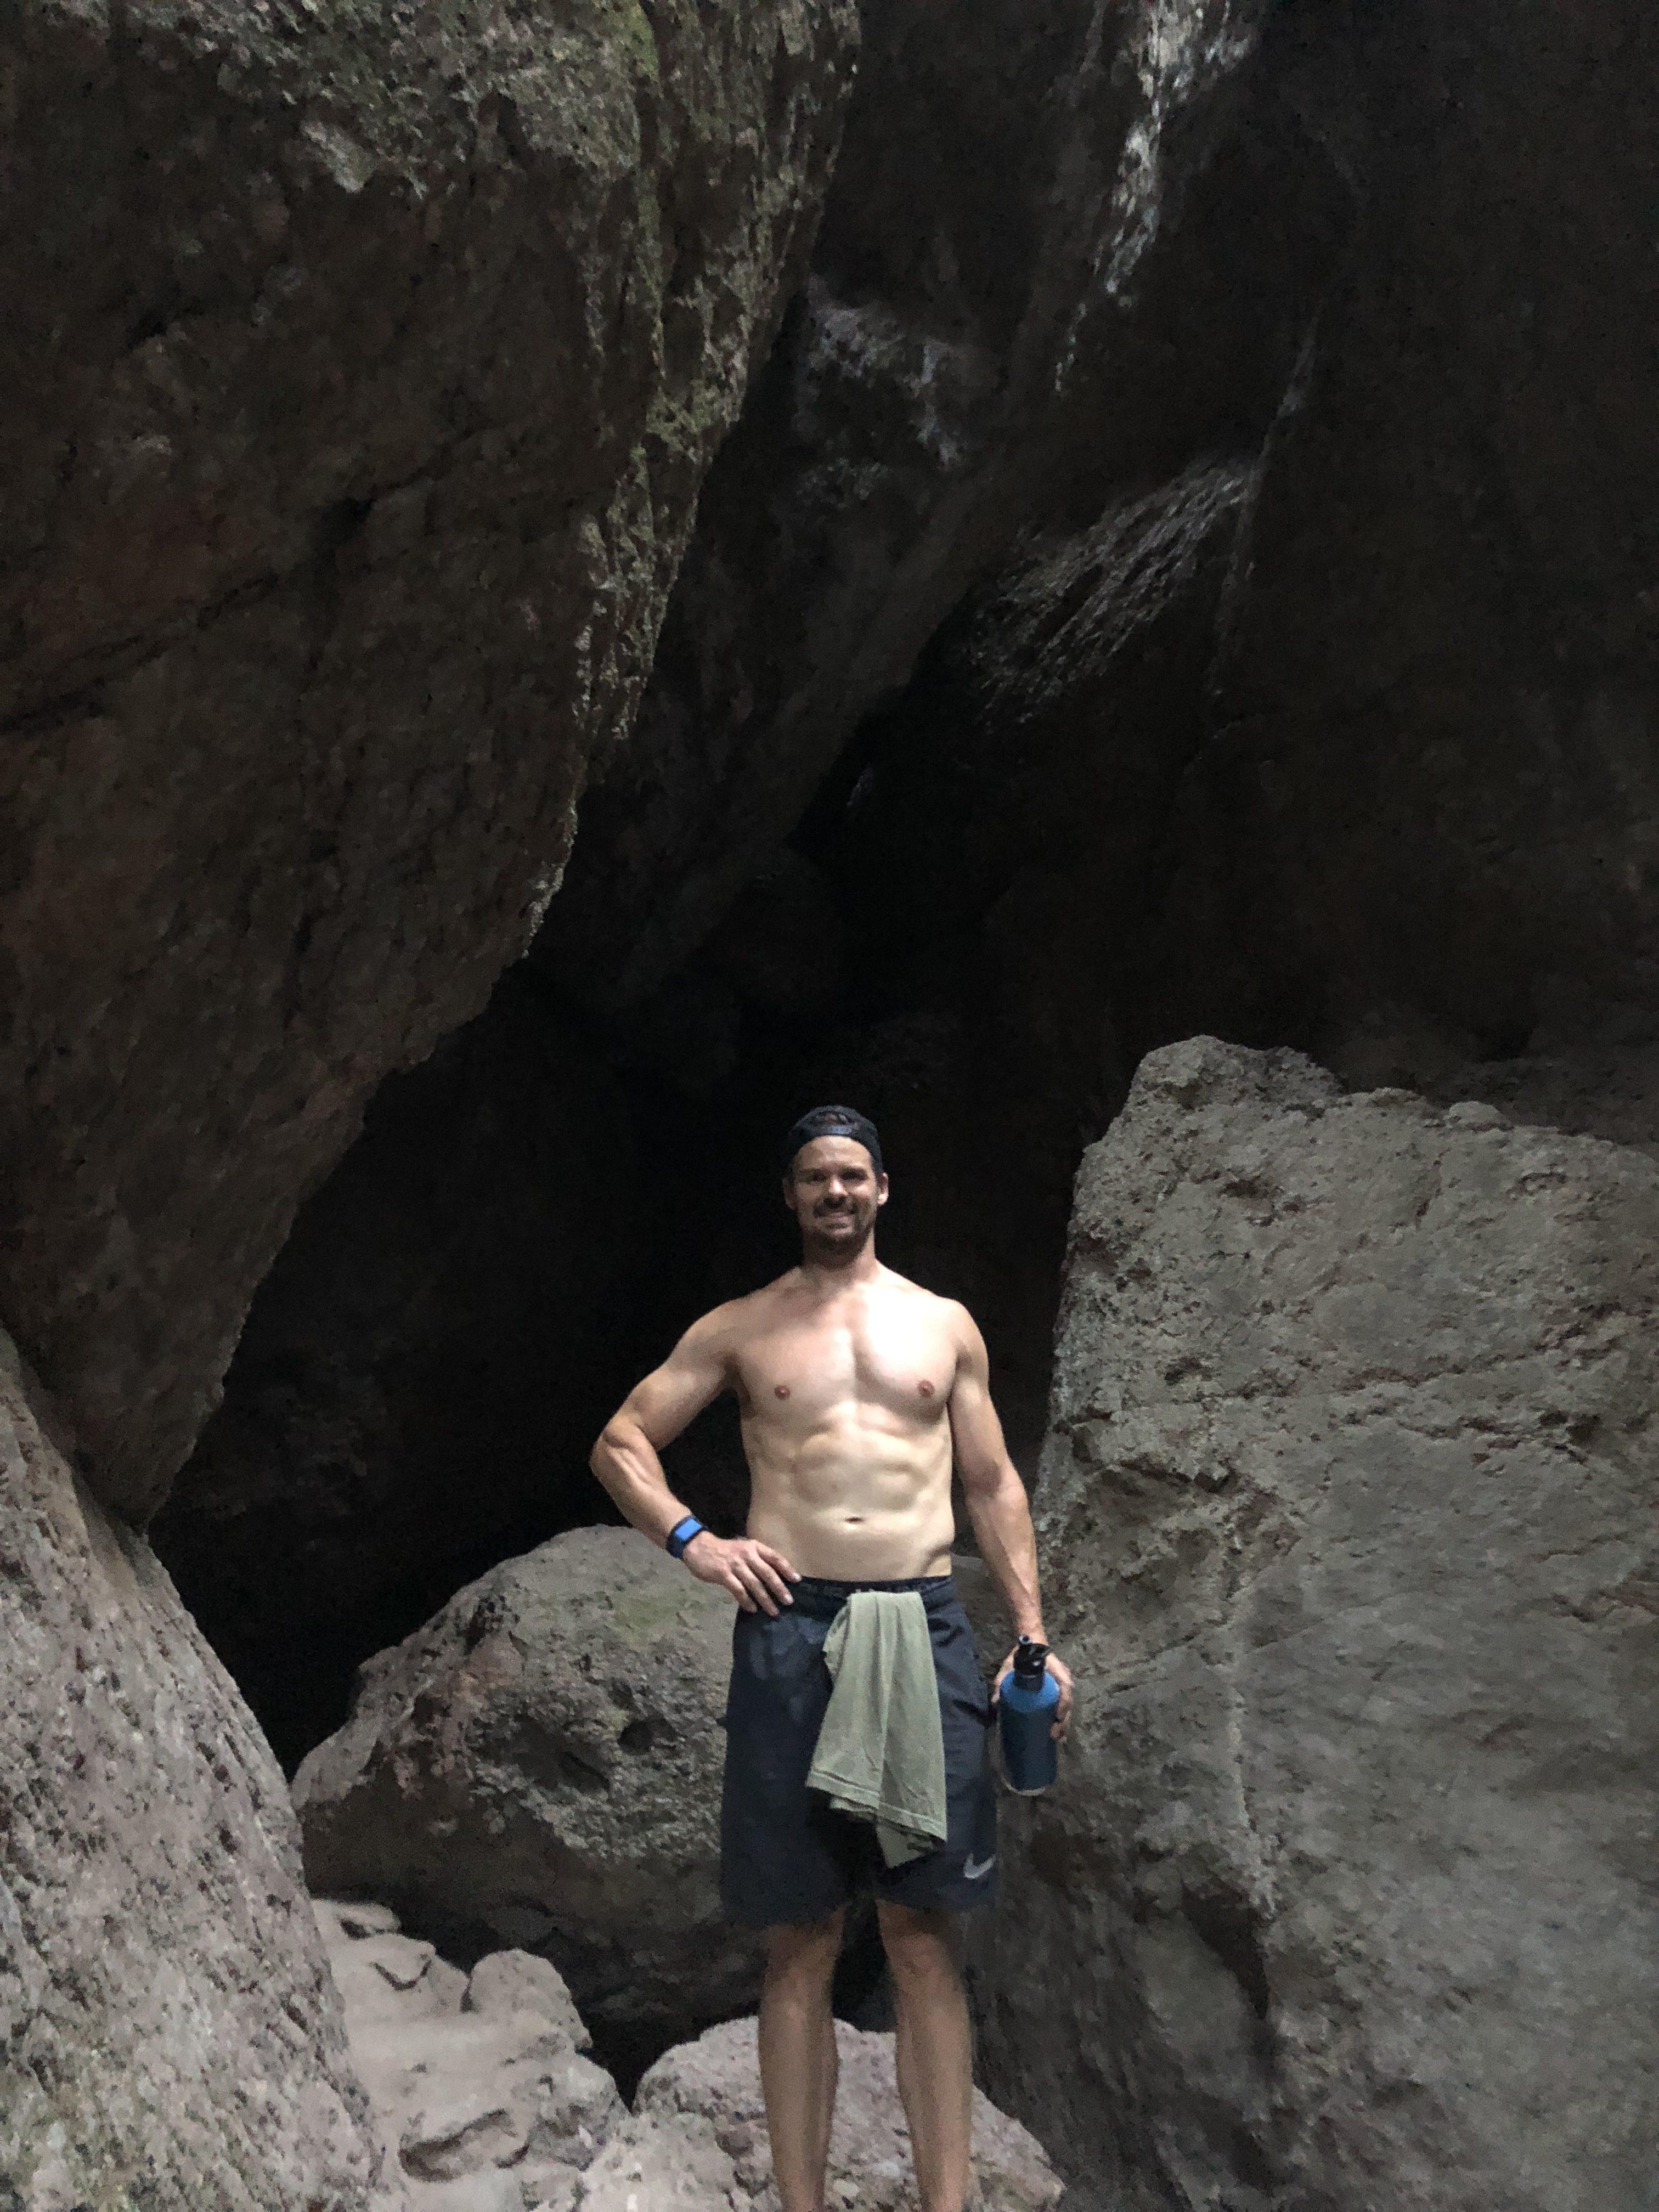 Joe Bauer in Balconies Cave in Pinnacles National Park